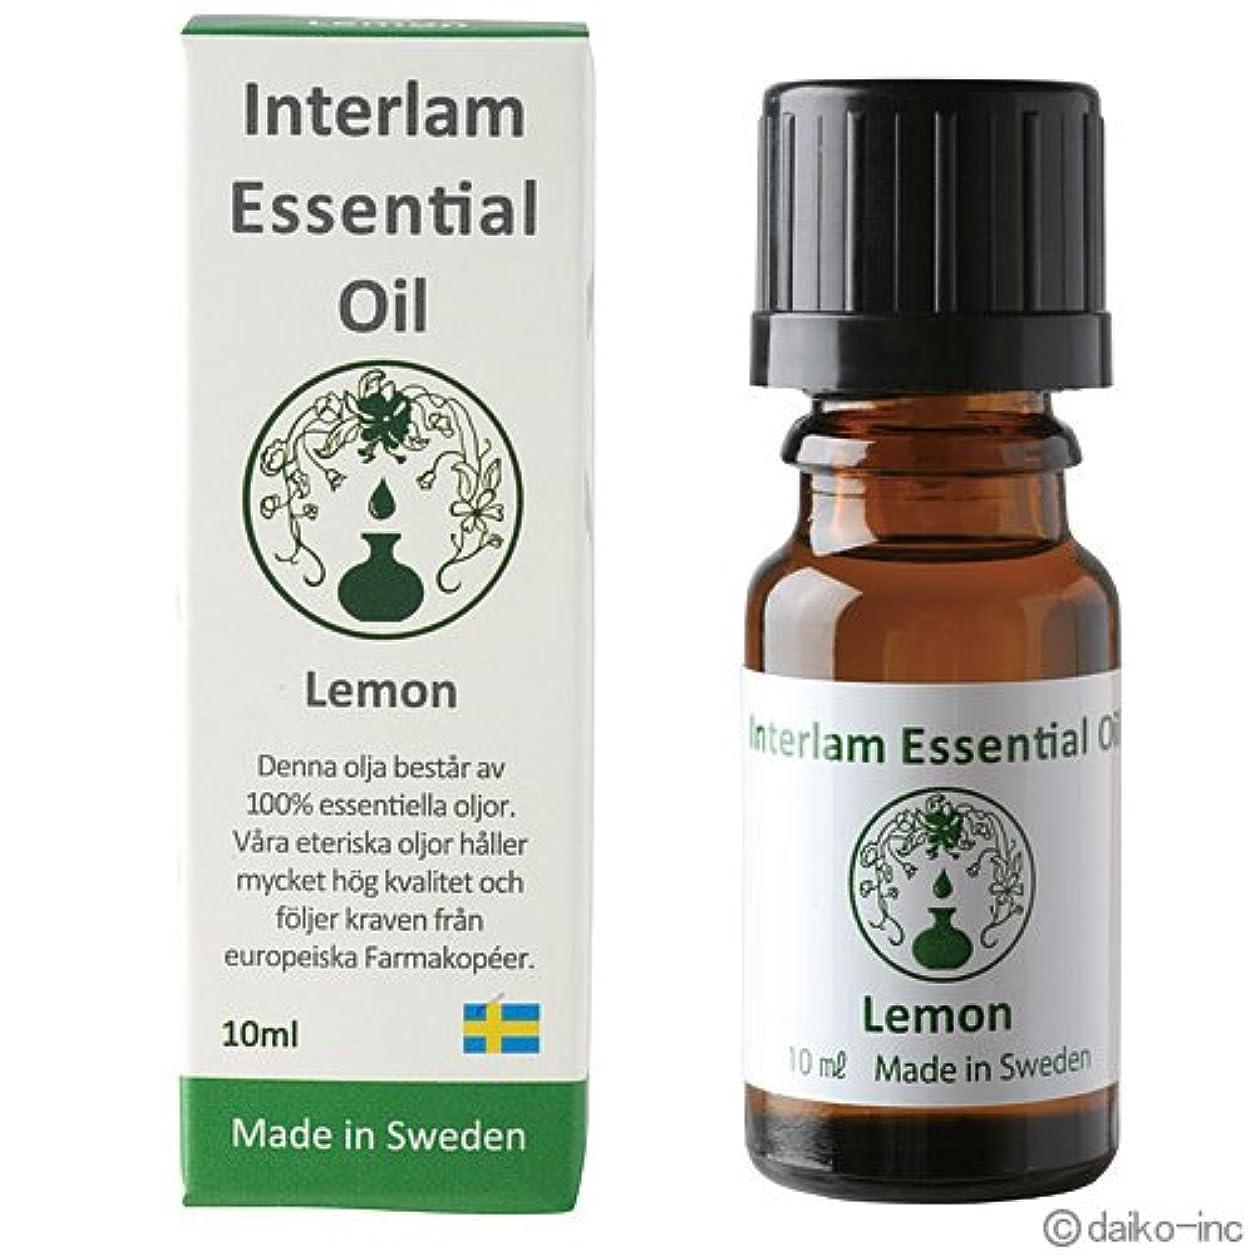 削除する歩道酸度Interlam Essential Oil レモン 10ml